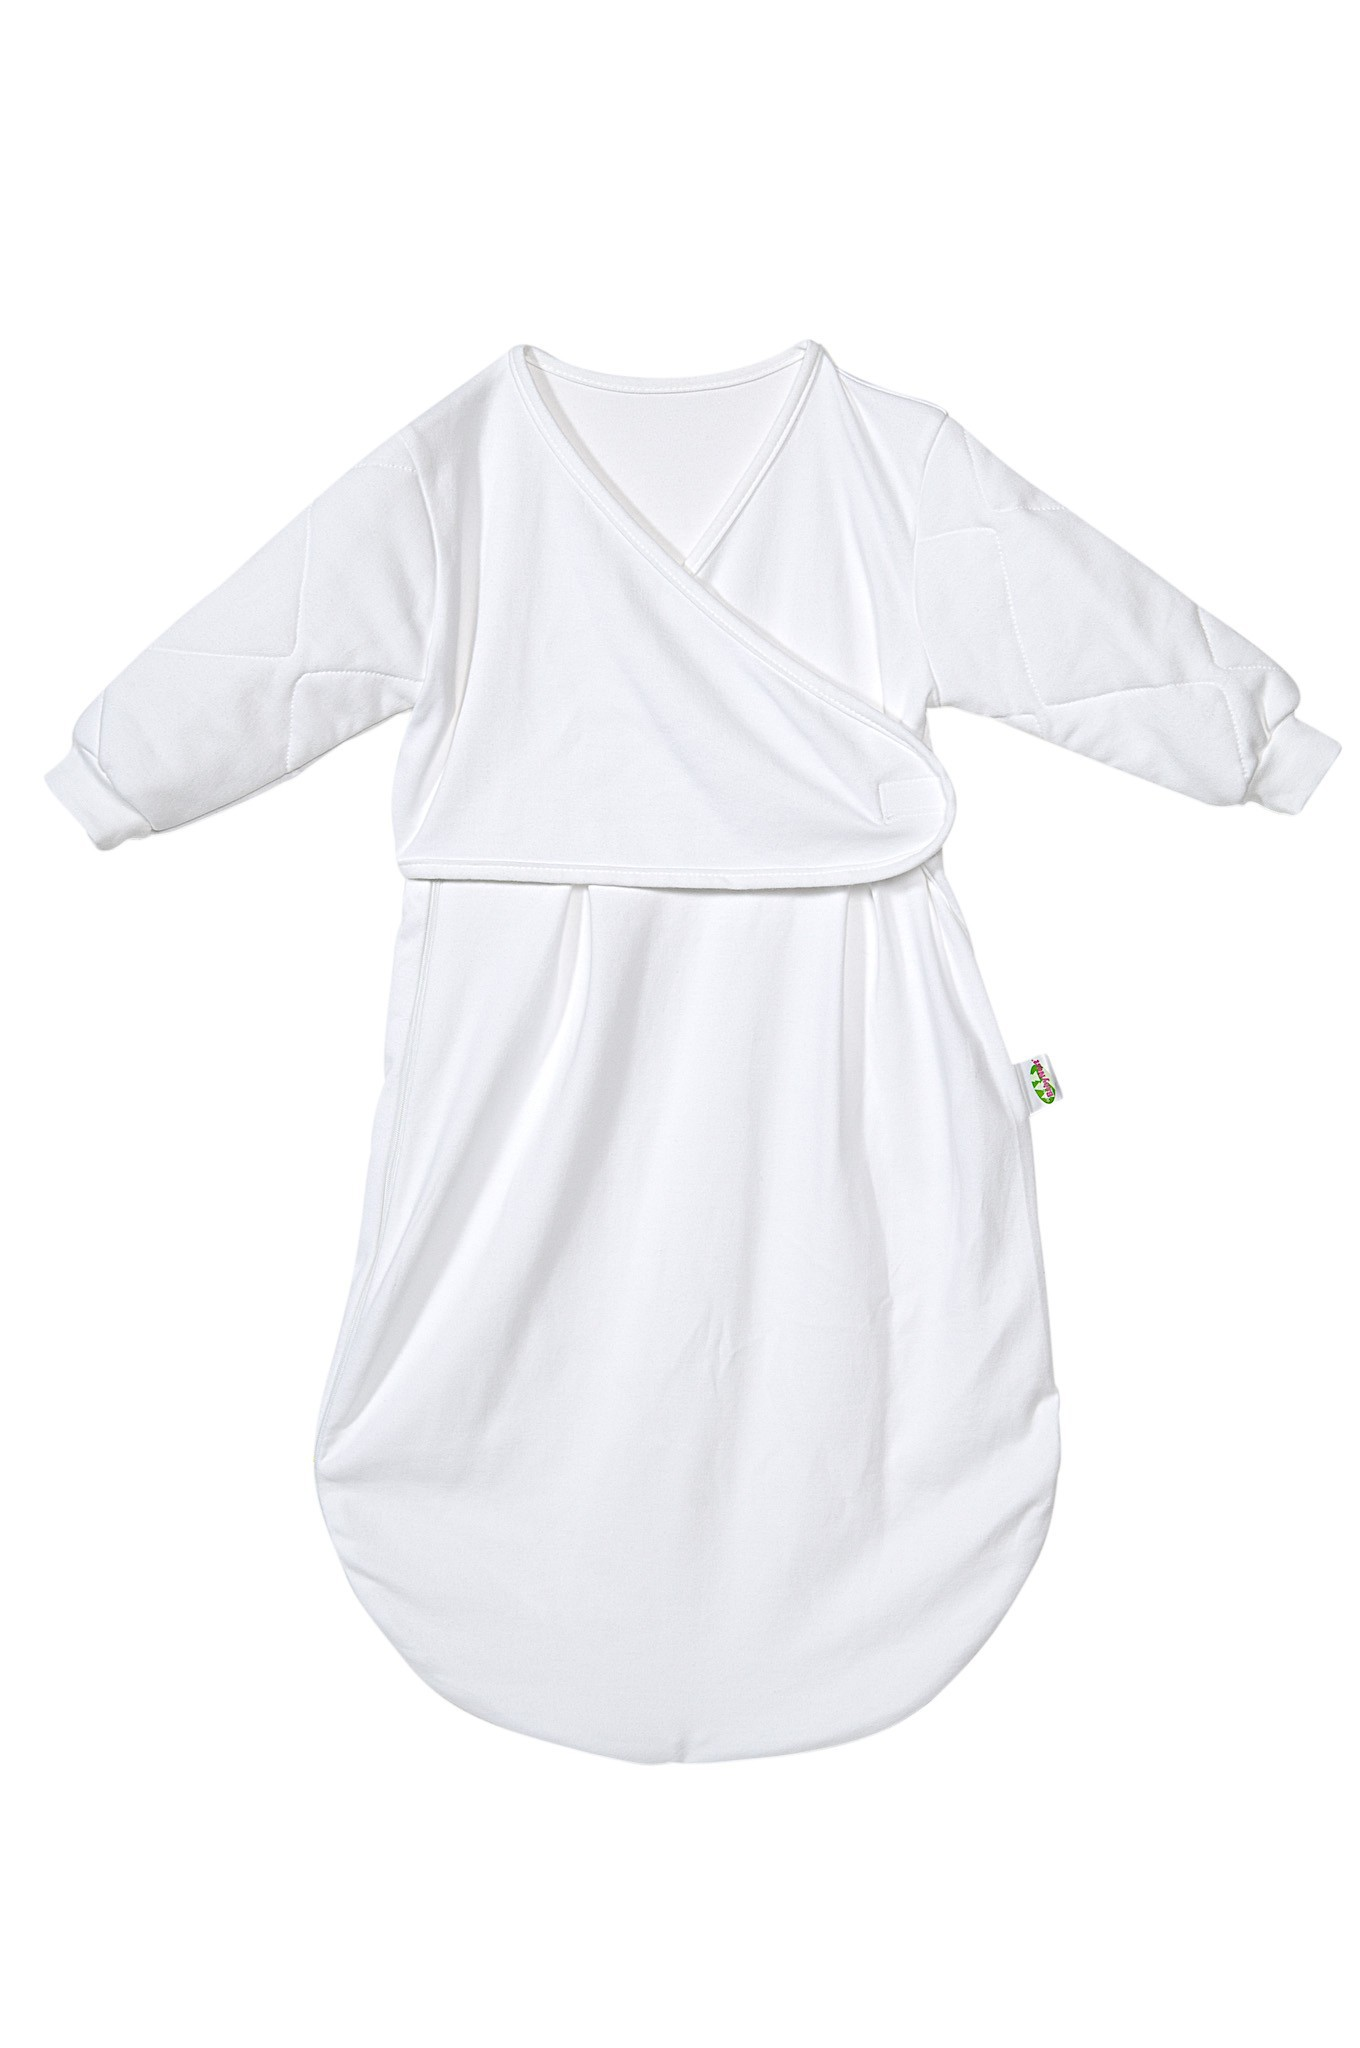 Odenwälder Jersey Unterzieh-Schlafsack Baby wattiert weiß 1070